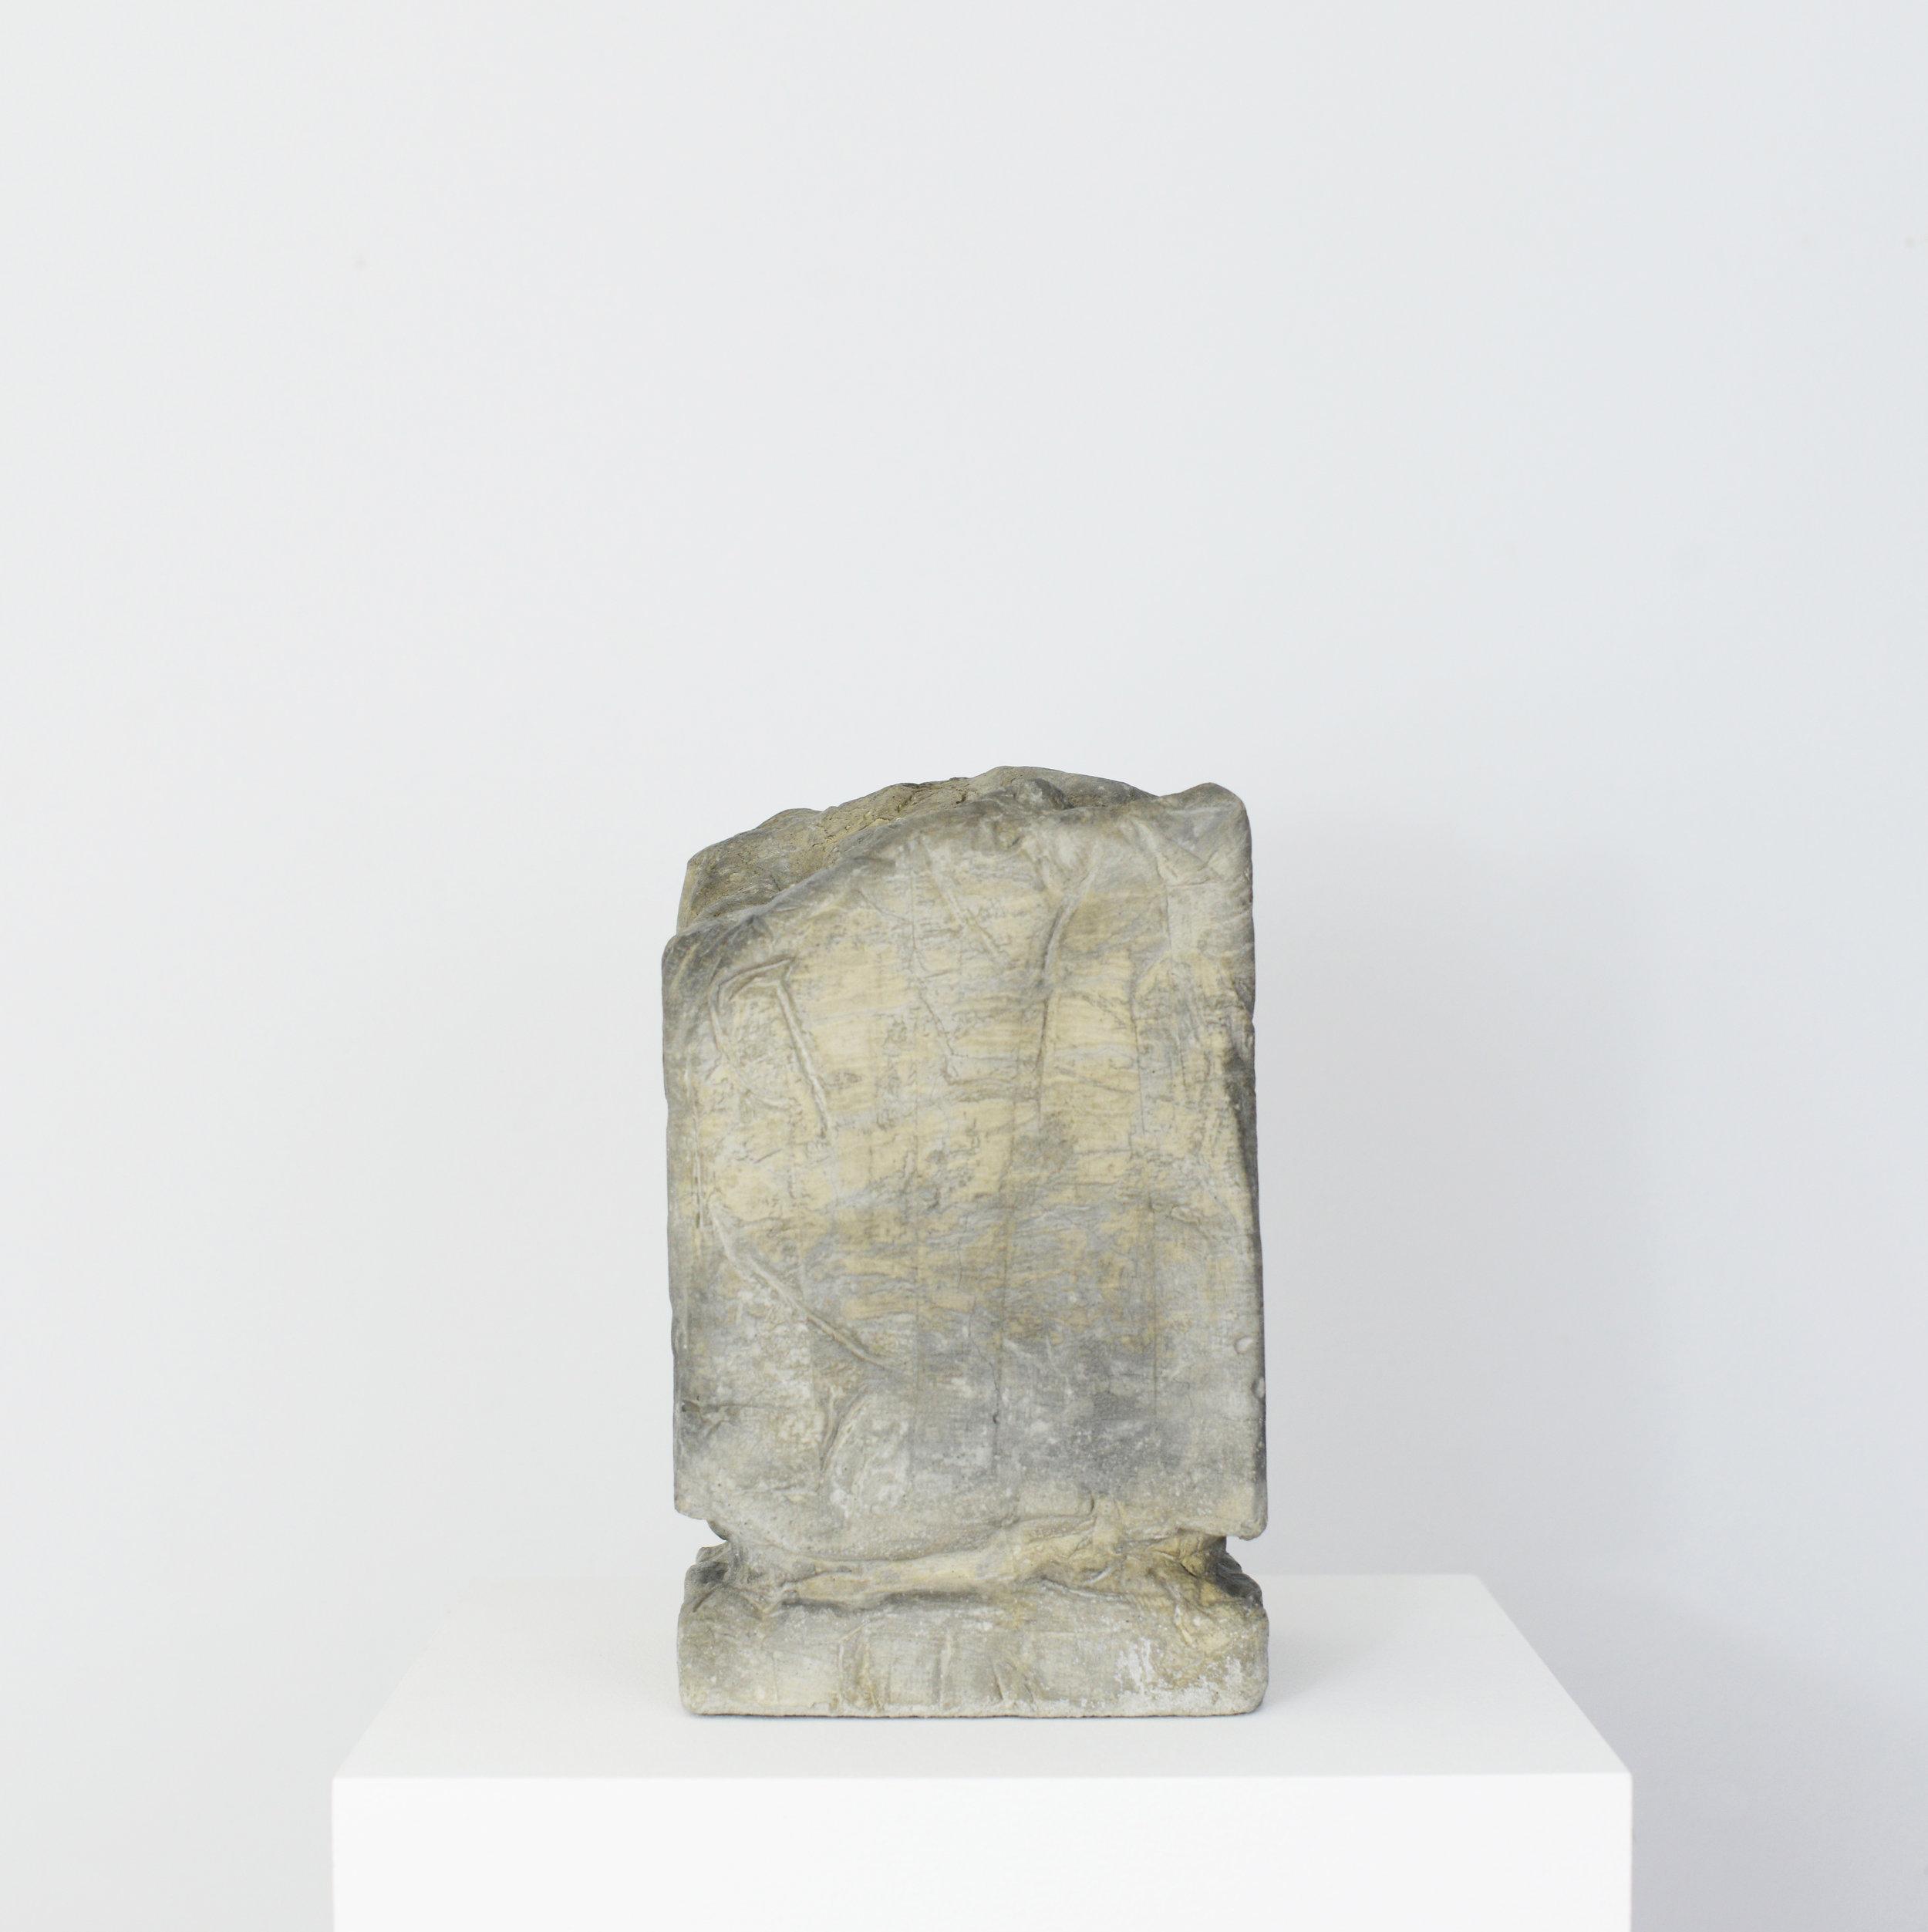 'Ruin' - Cement - 24 x 16 x 16 cm - 2017